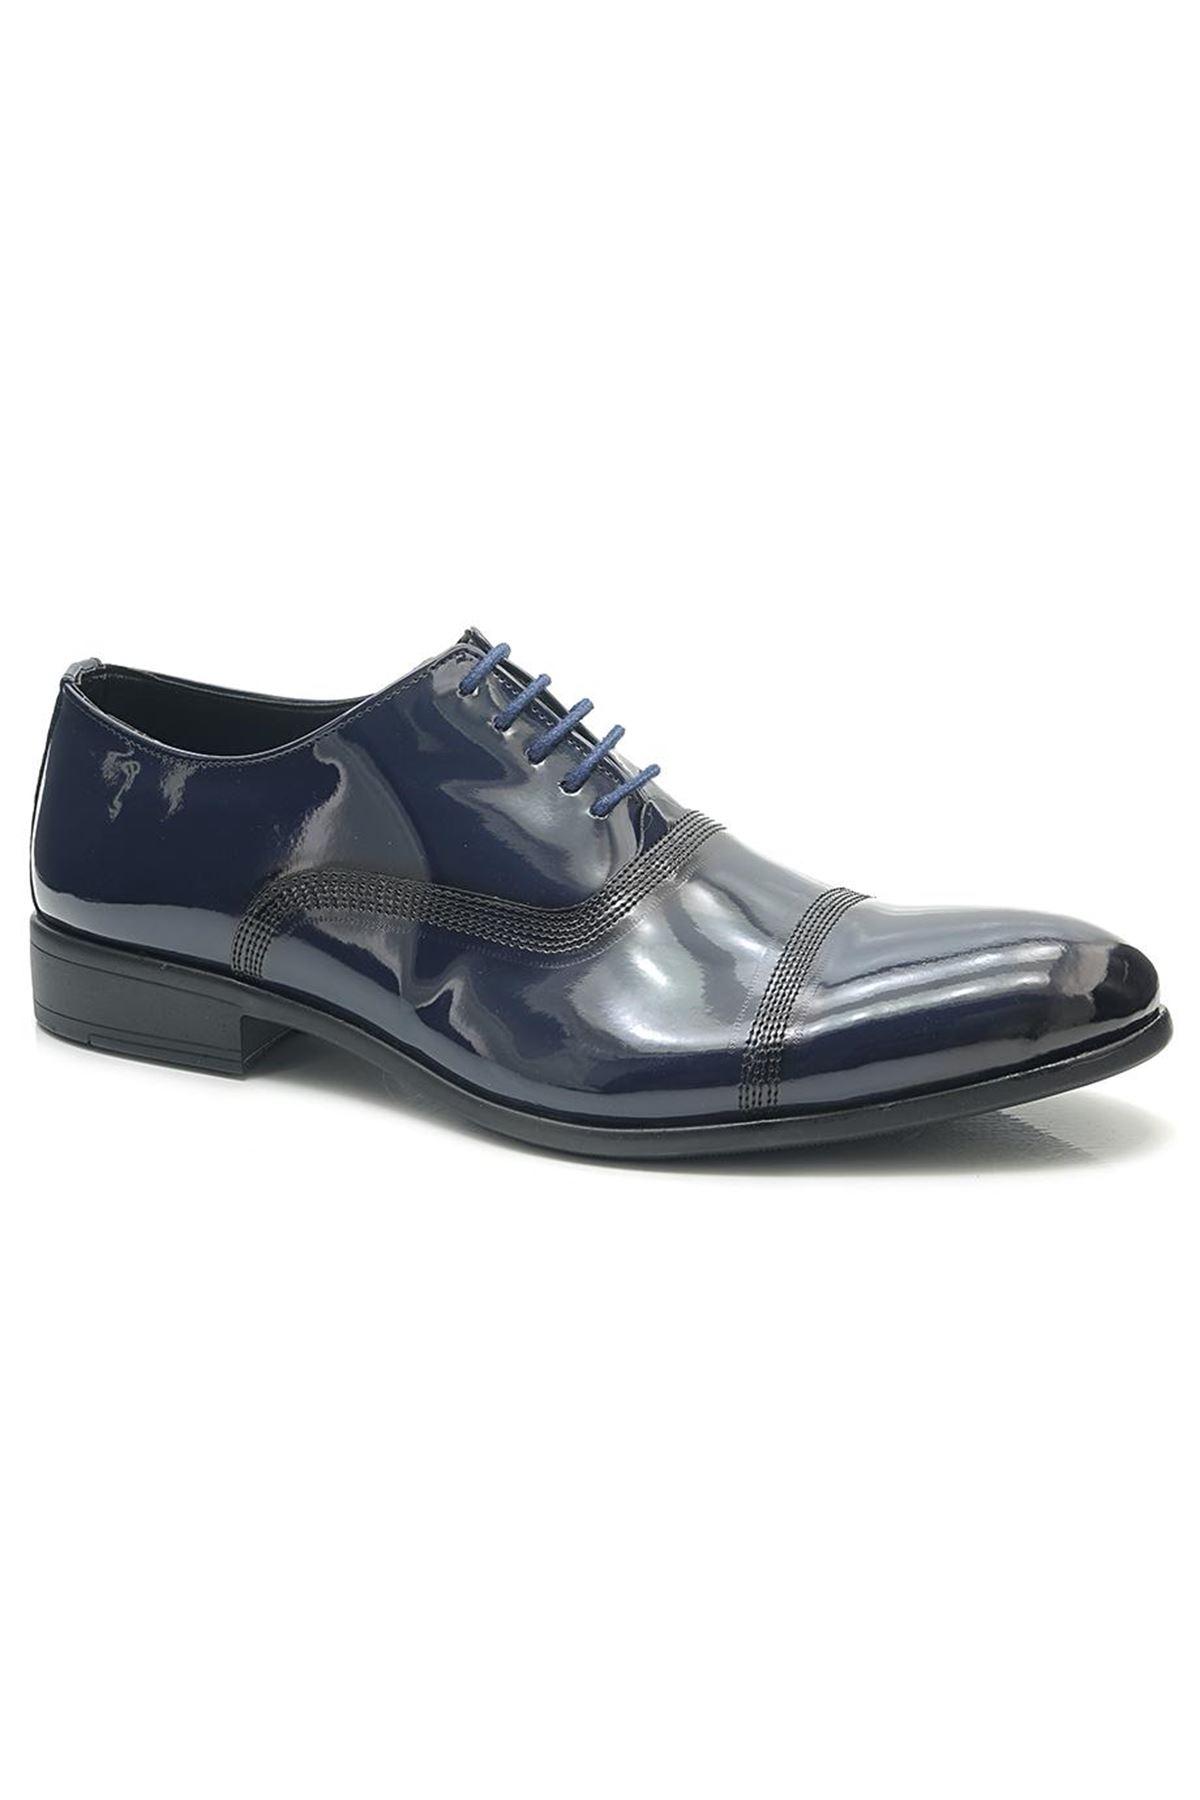 Tamboga E1751R Koyu Lacivert Rugan Klasik Erkek Ayakkabı